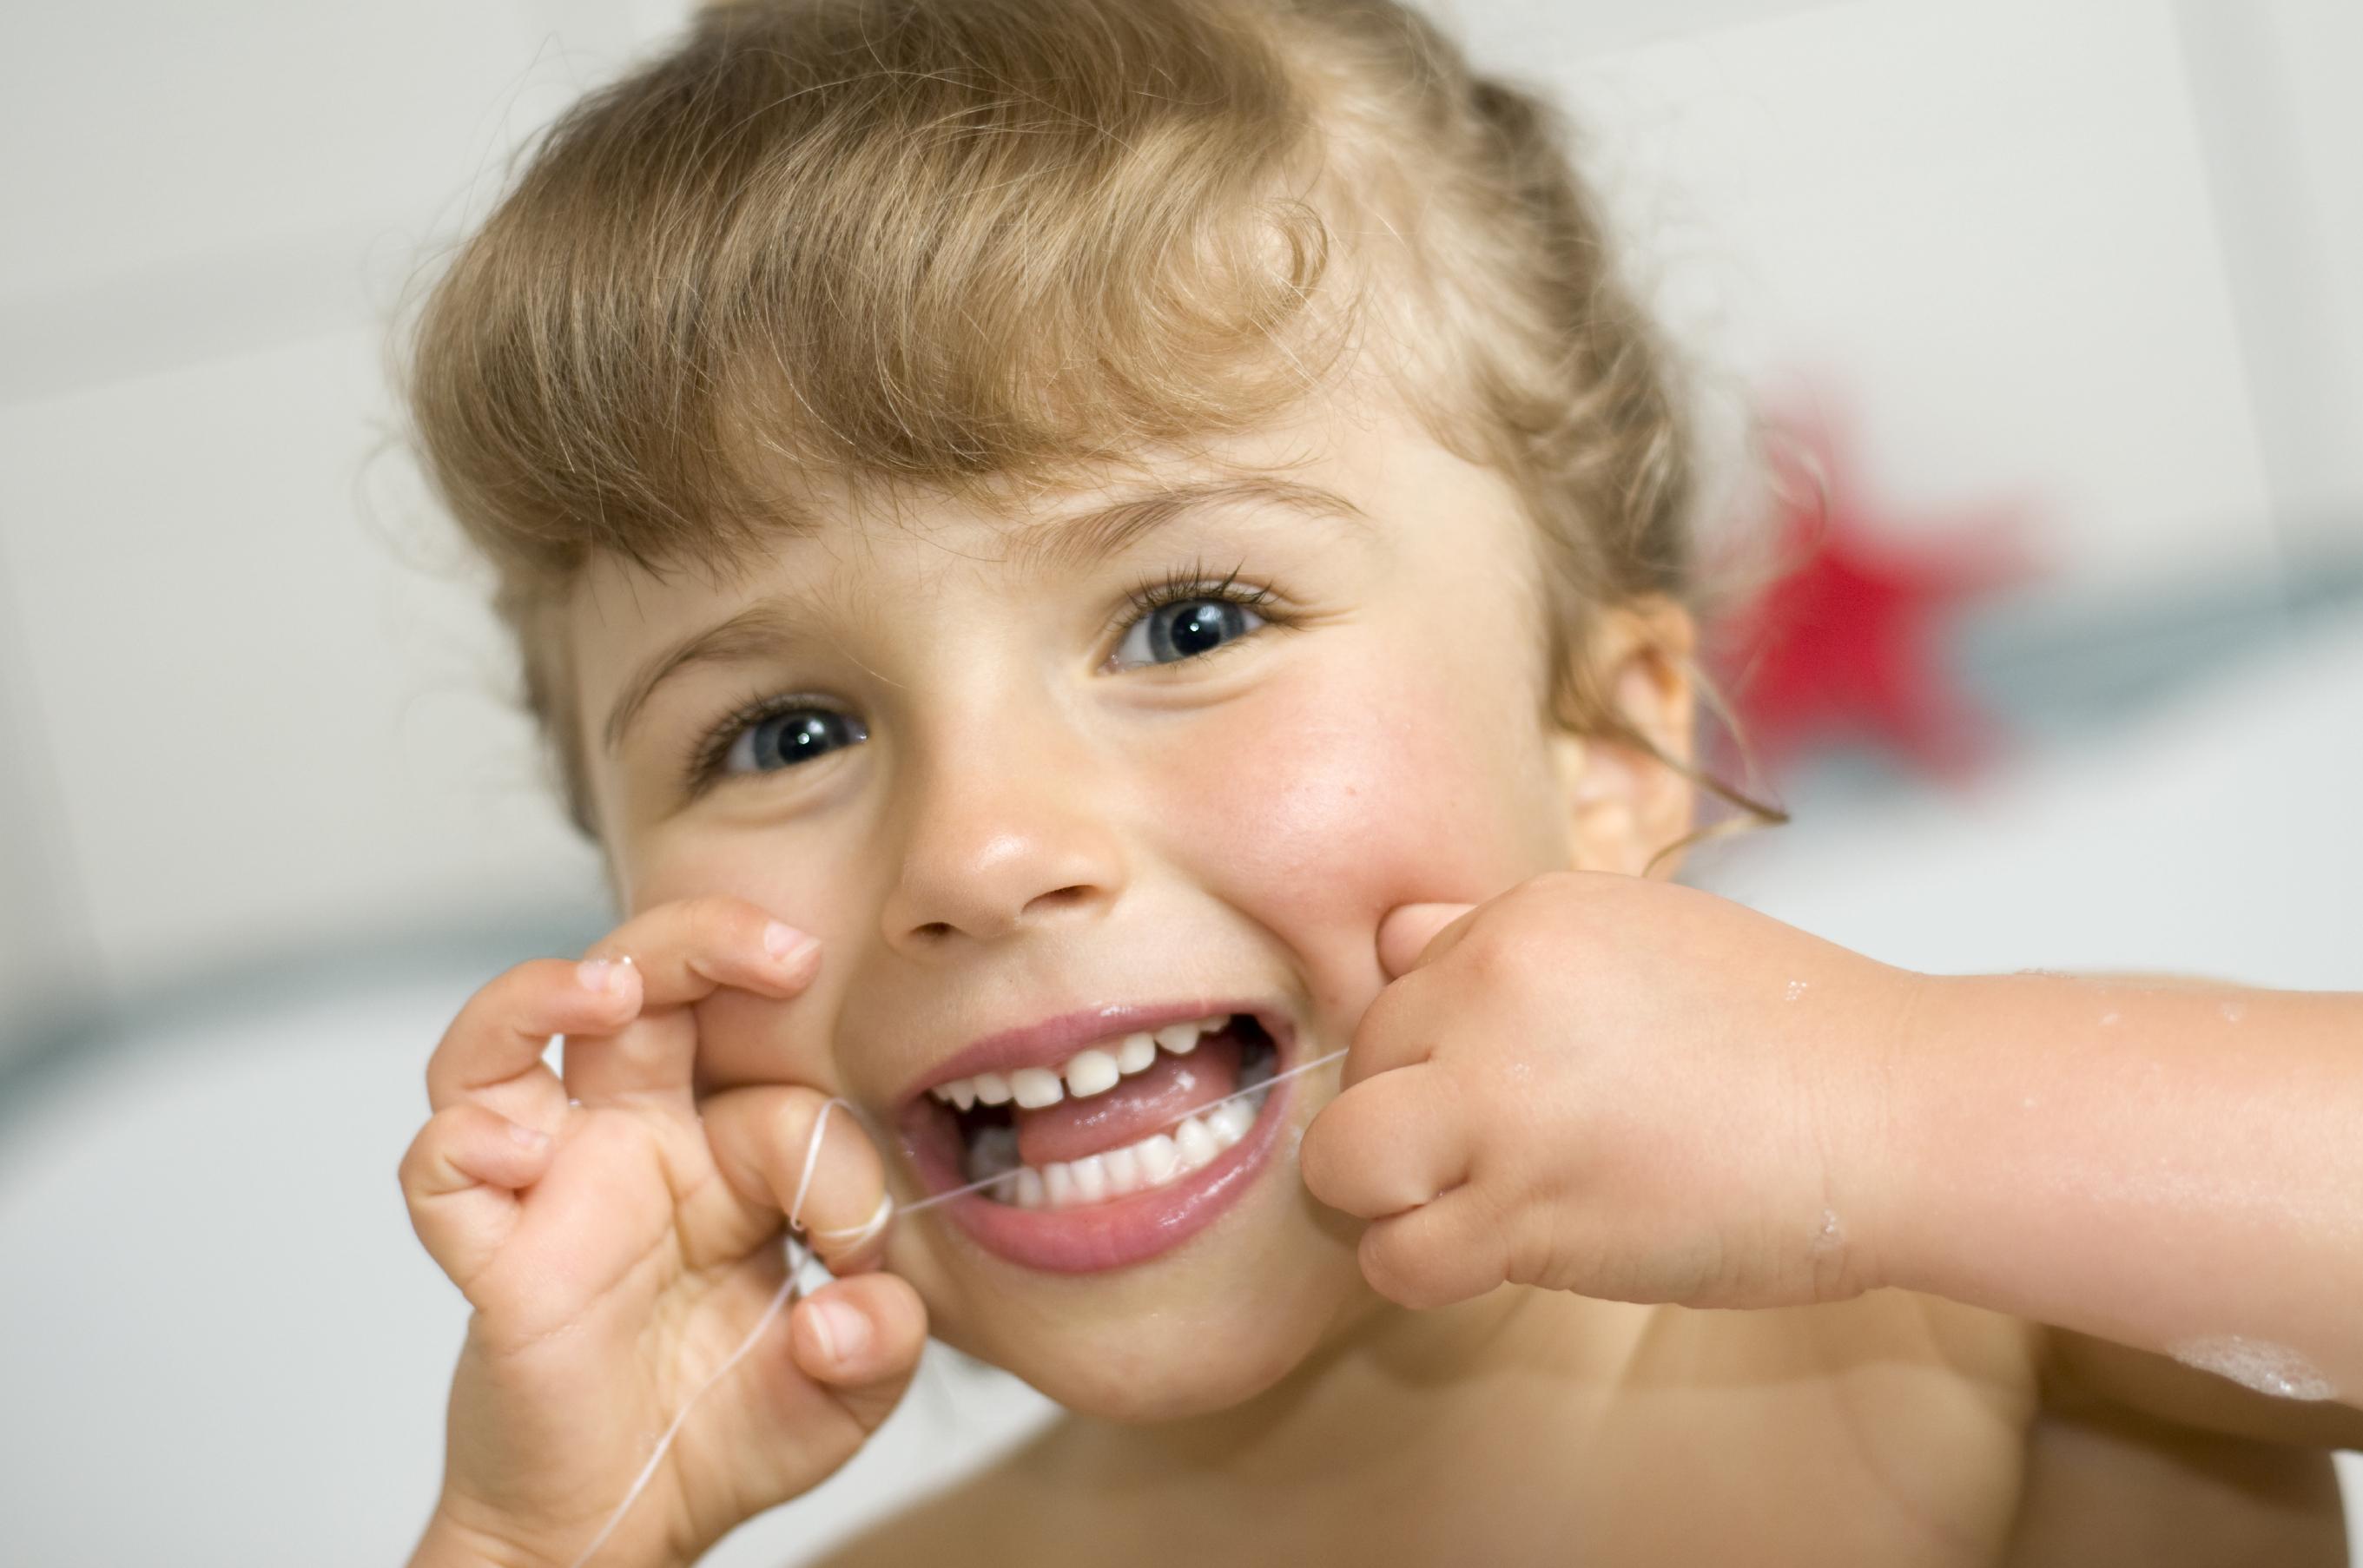 come-lavare-denti-bambini